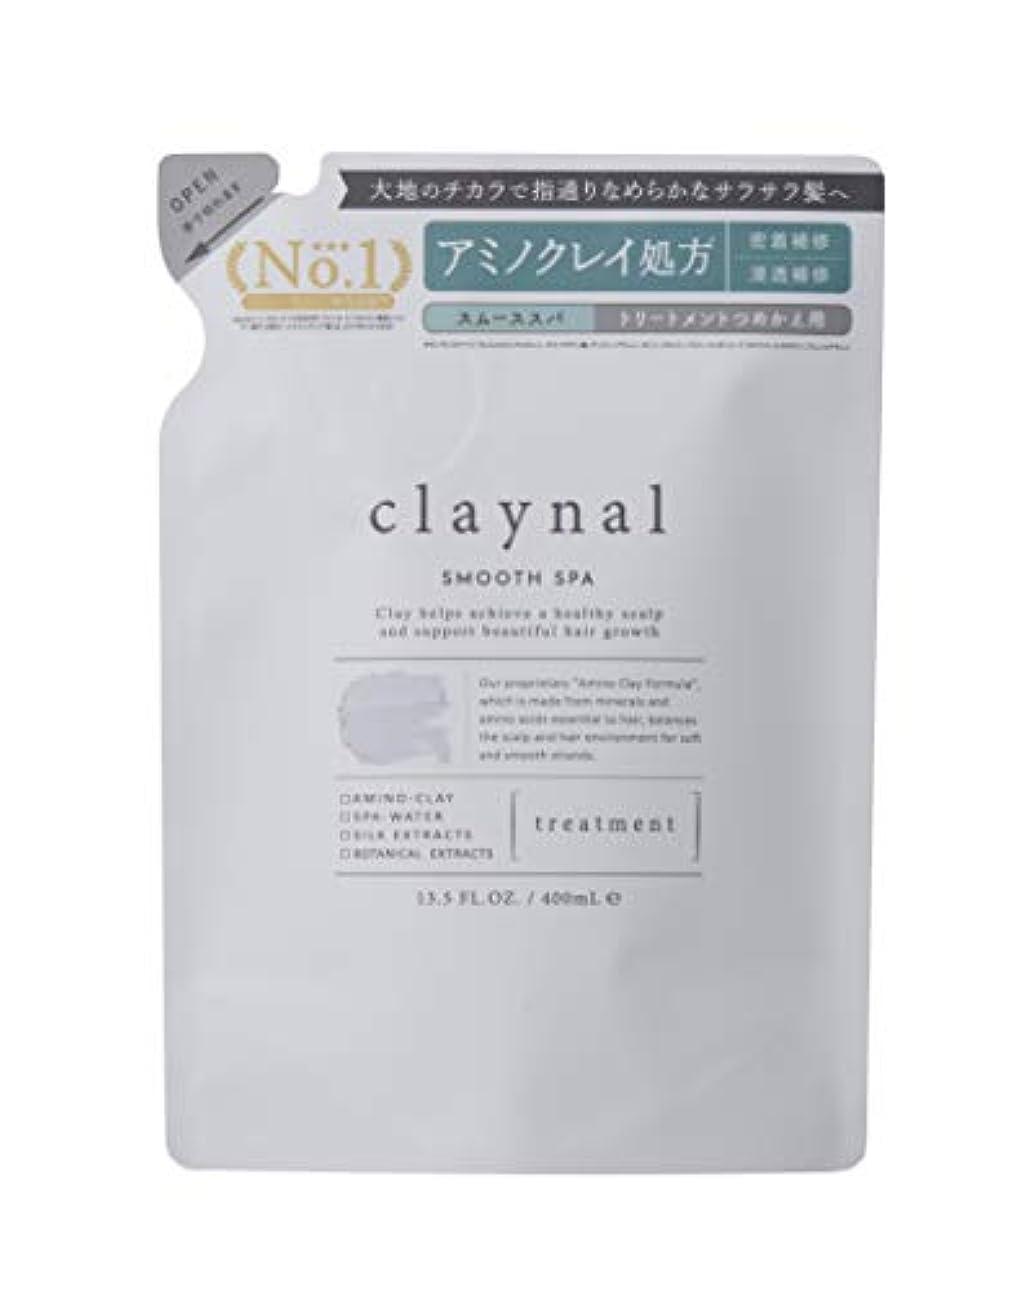 男らしさ一致暗くするclaynal(クレイナル) クレイナル スムーススパトリートメント(詰替え)400mL